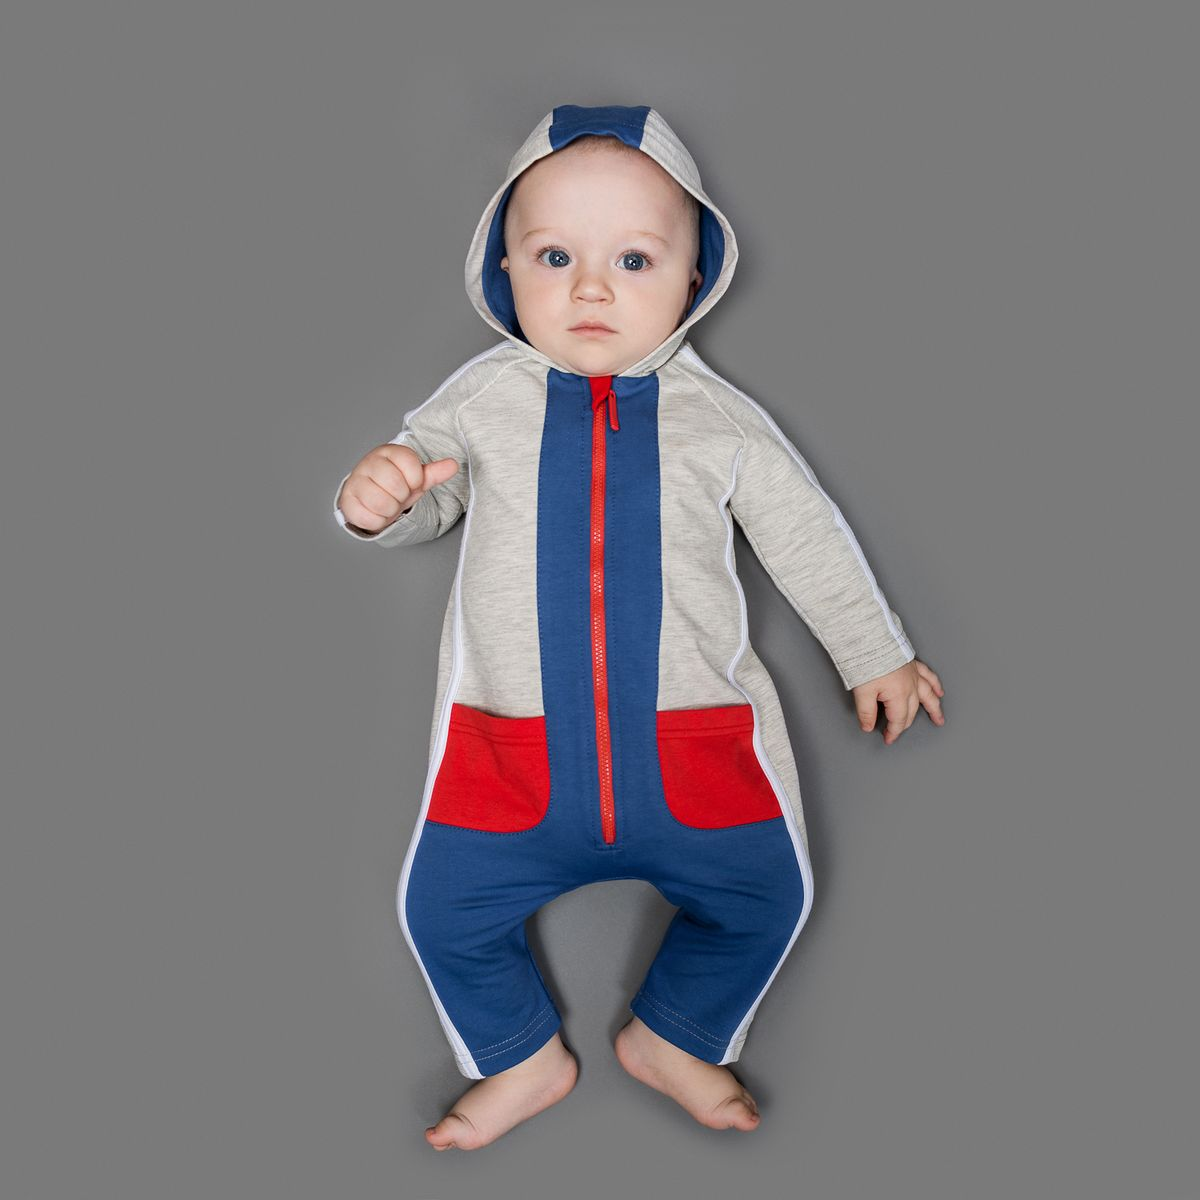 Комбинезон для мальчика Ёмаё, цвет: серый меланж, синий, красный. 22-520. Размер 6222-520Комбинезон Ёмаё, изготовленный из футера - очень удобный и практичный вид одежды для малышей.Комбинезон с капюшоном и открытыми ножками застегивается спереди на пластиковую застежку-молнию, что помогает с легкостью переодеть ребенка. Спереди и сзади модель дополнена двумя накладными кармашками. Оформлено изделие контрастной отделкой. Комбинезон полностью соответствует особенностям жизни младенца в ранний период, не стесняя и не ограничивая его в движениях!